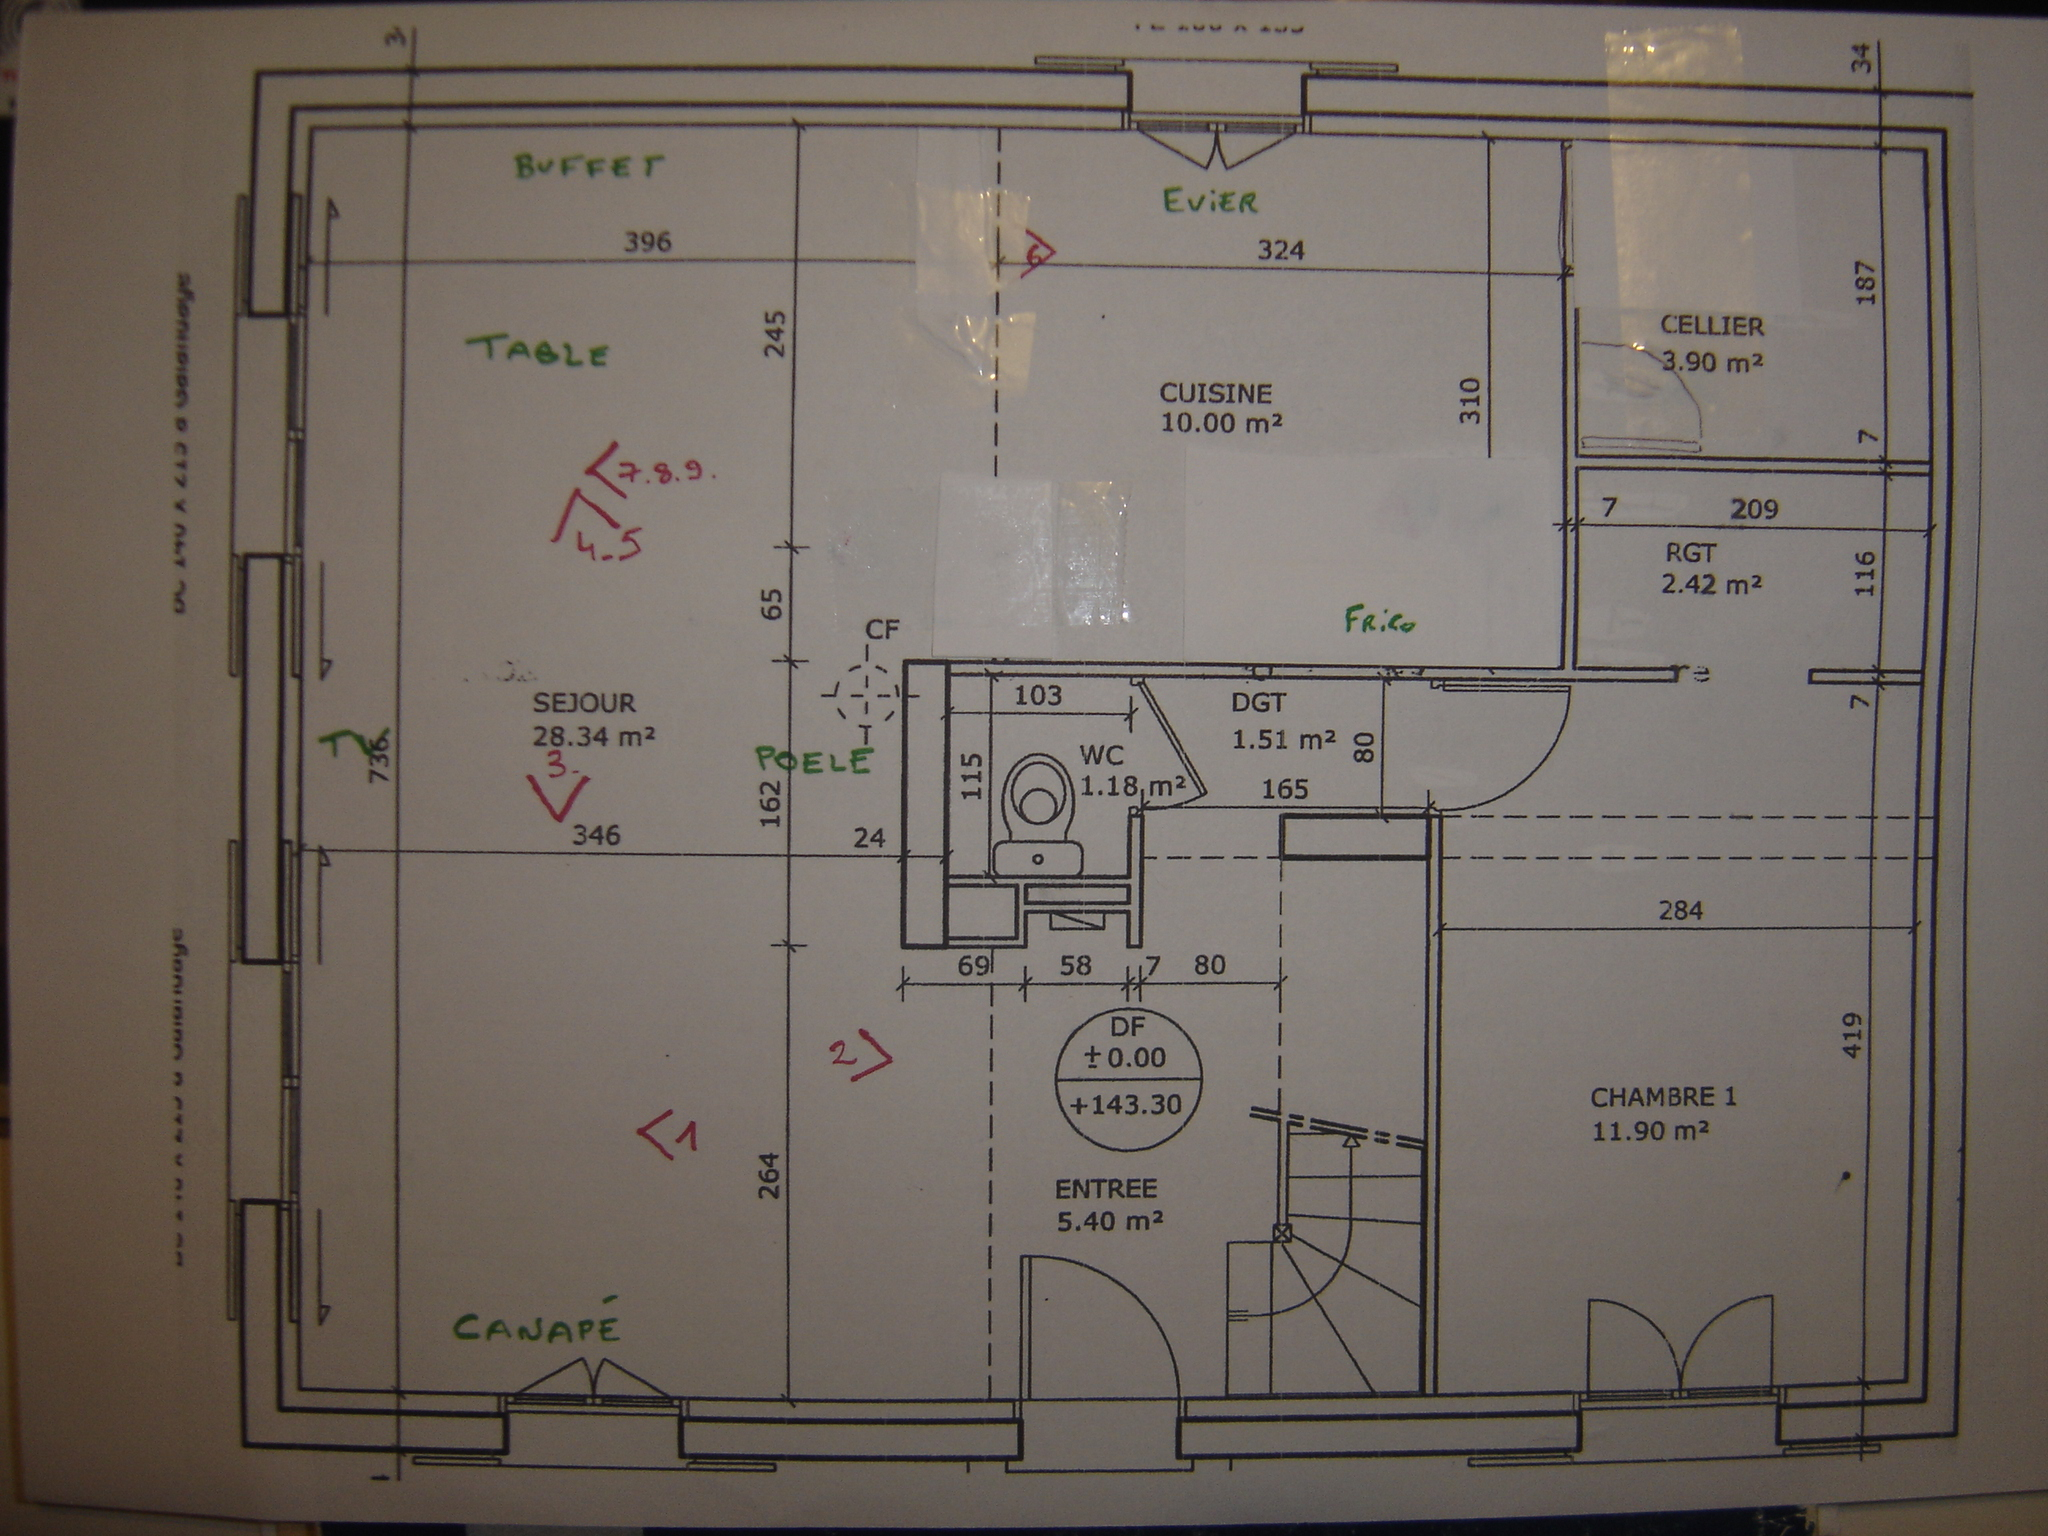 Besoin D Aide Pour Espace Salon Sam Cuisine P4 Suite Escalier